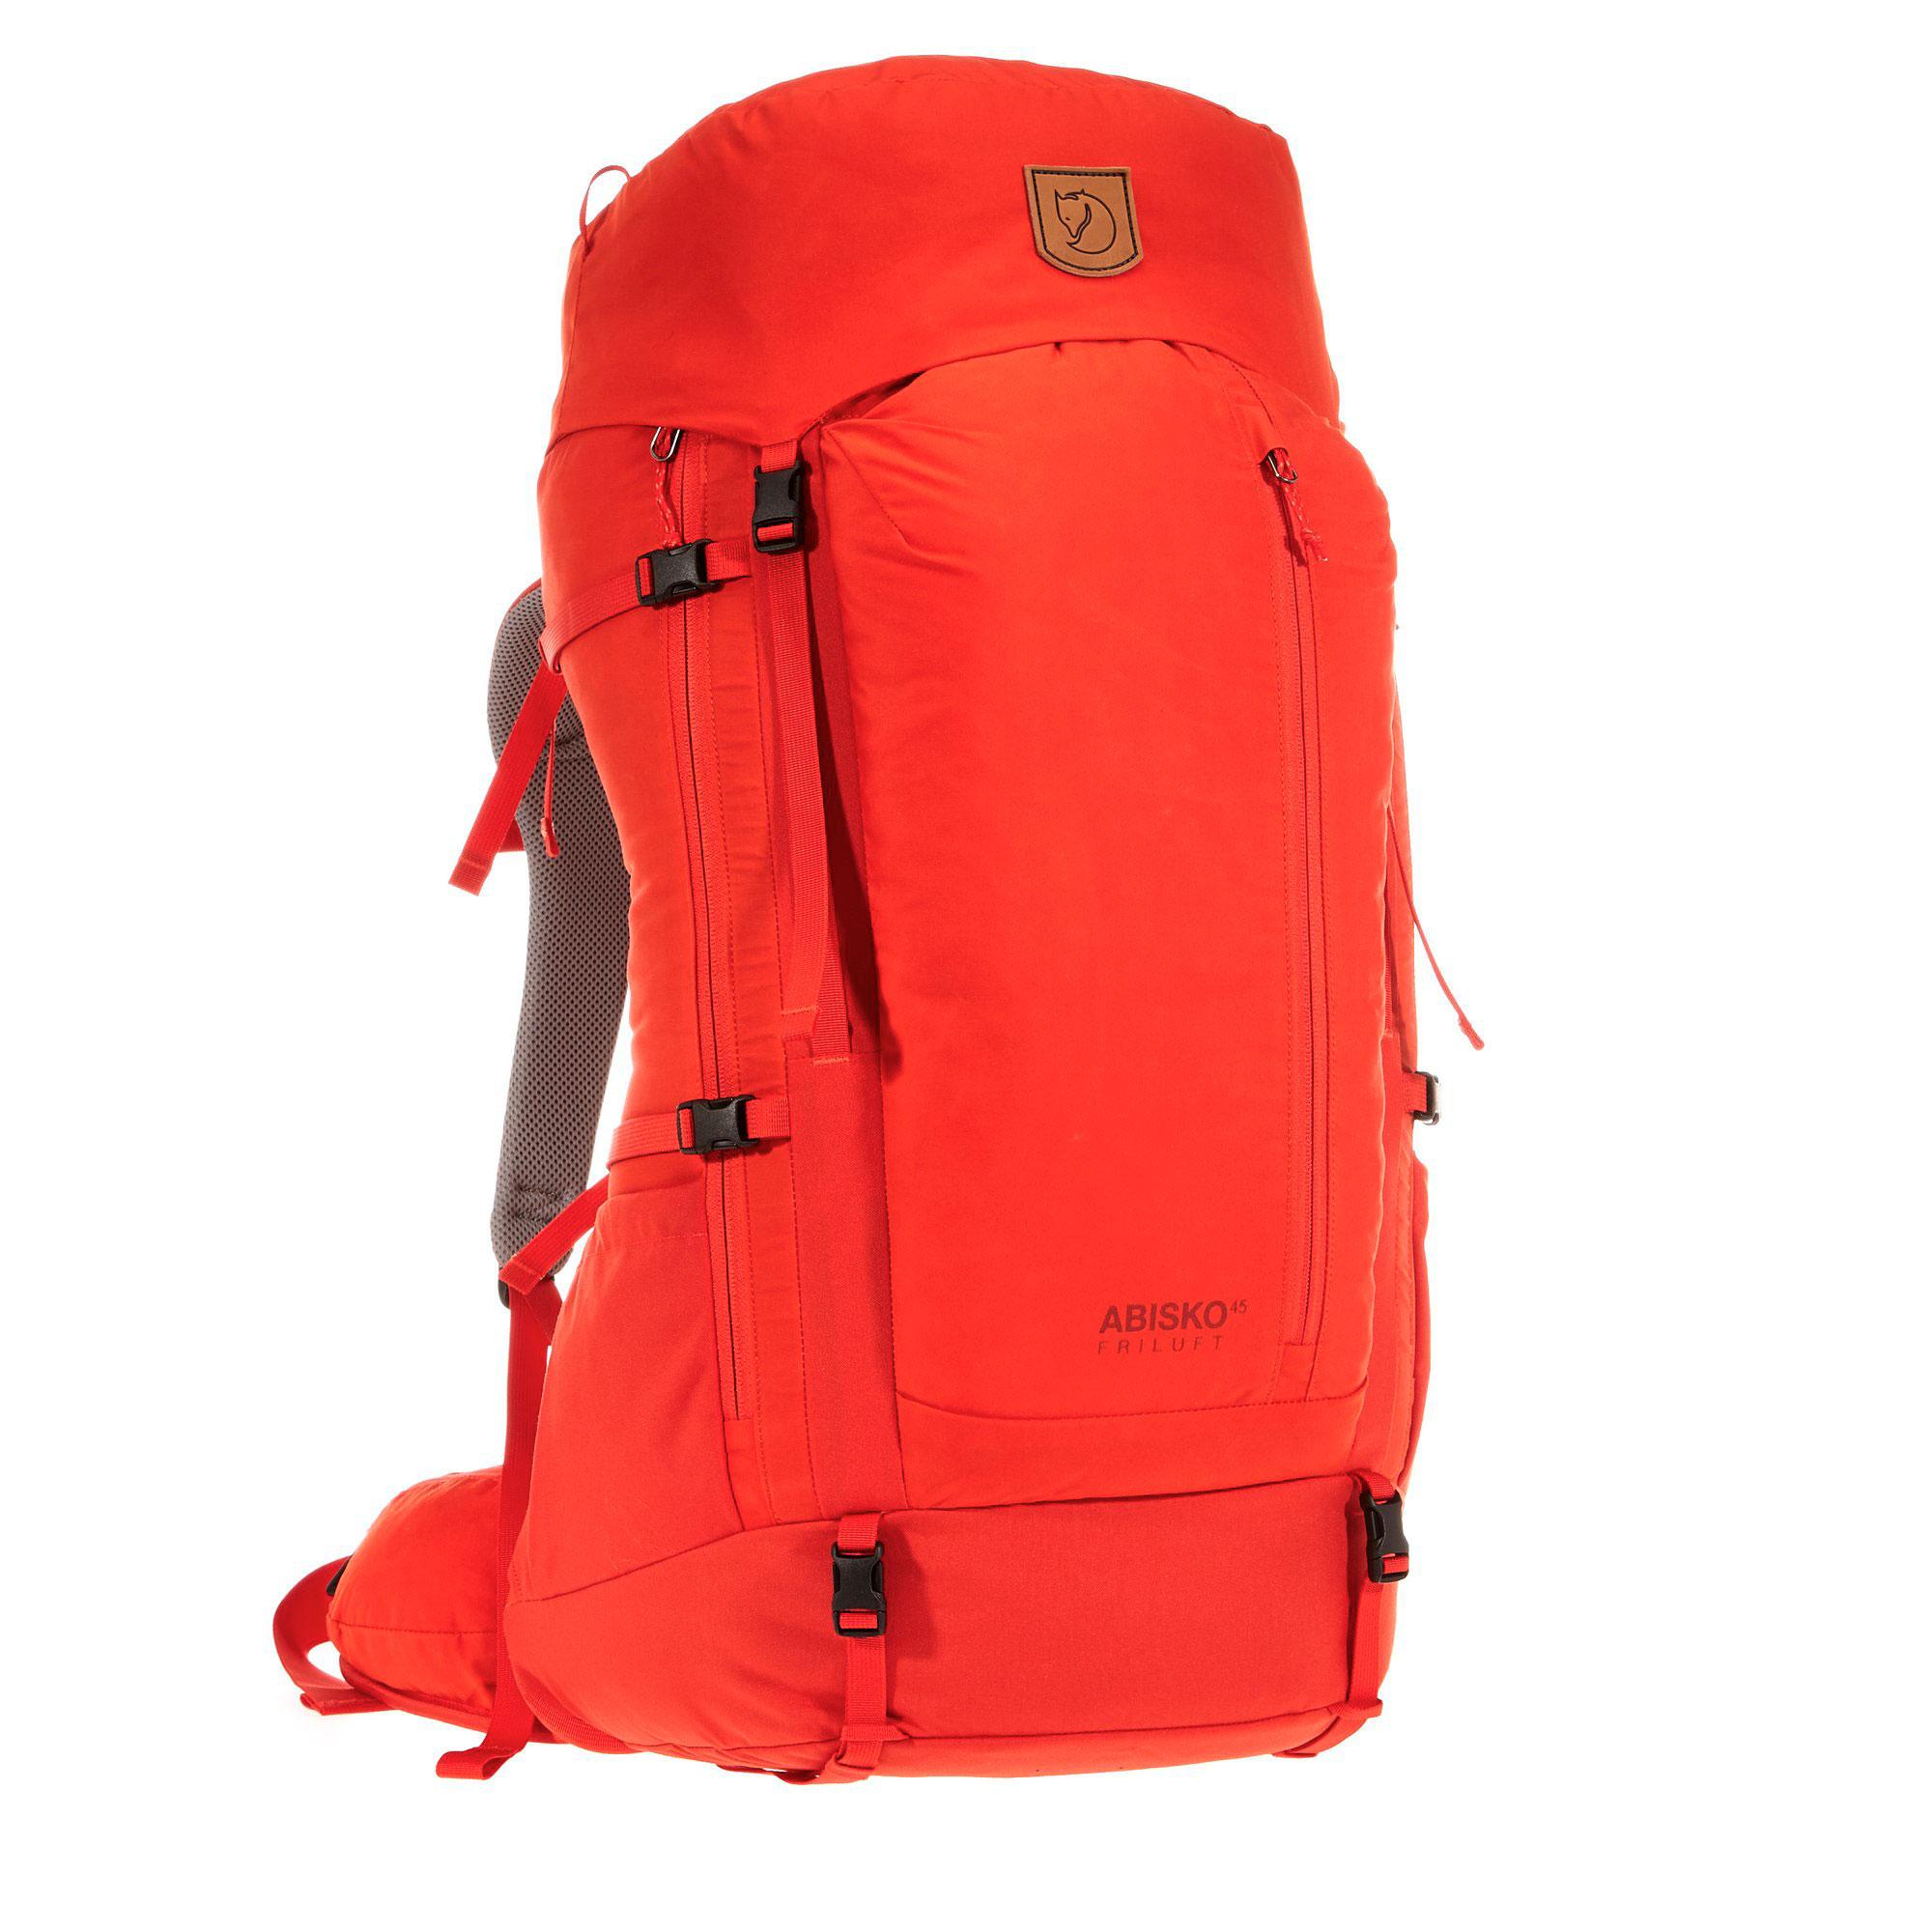 de5a70b3c6c0 Мои рюкзаки для туризма, горных лыж, велосипеда и путешествий